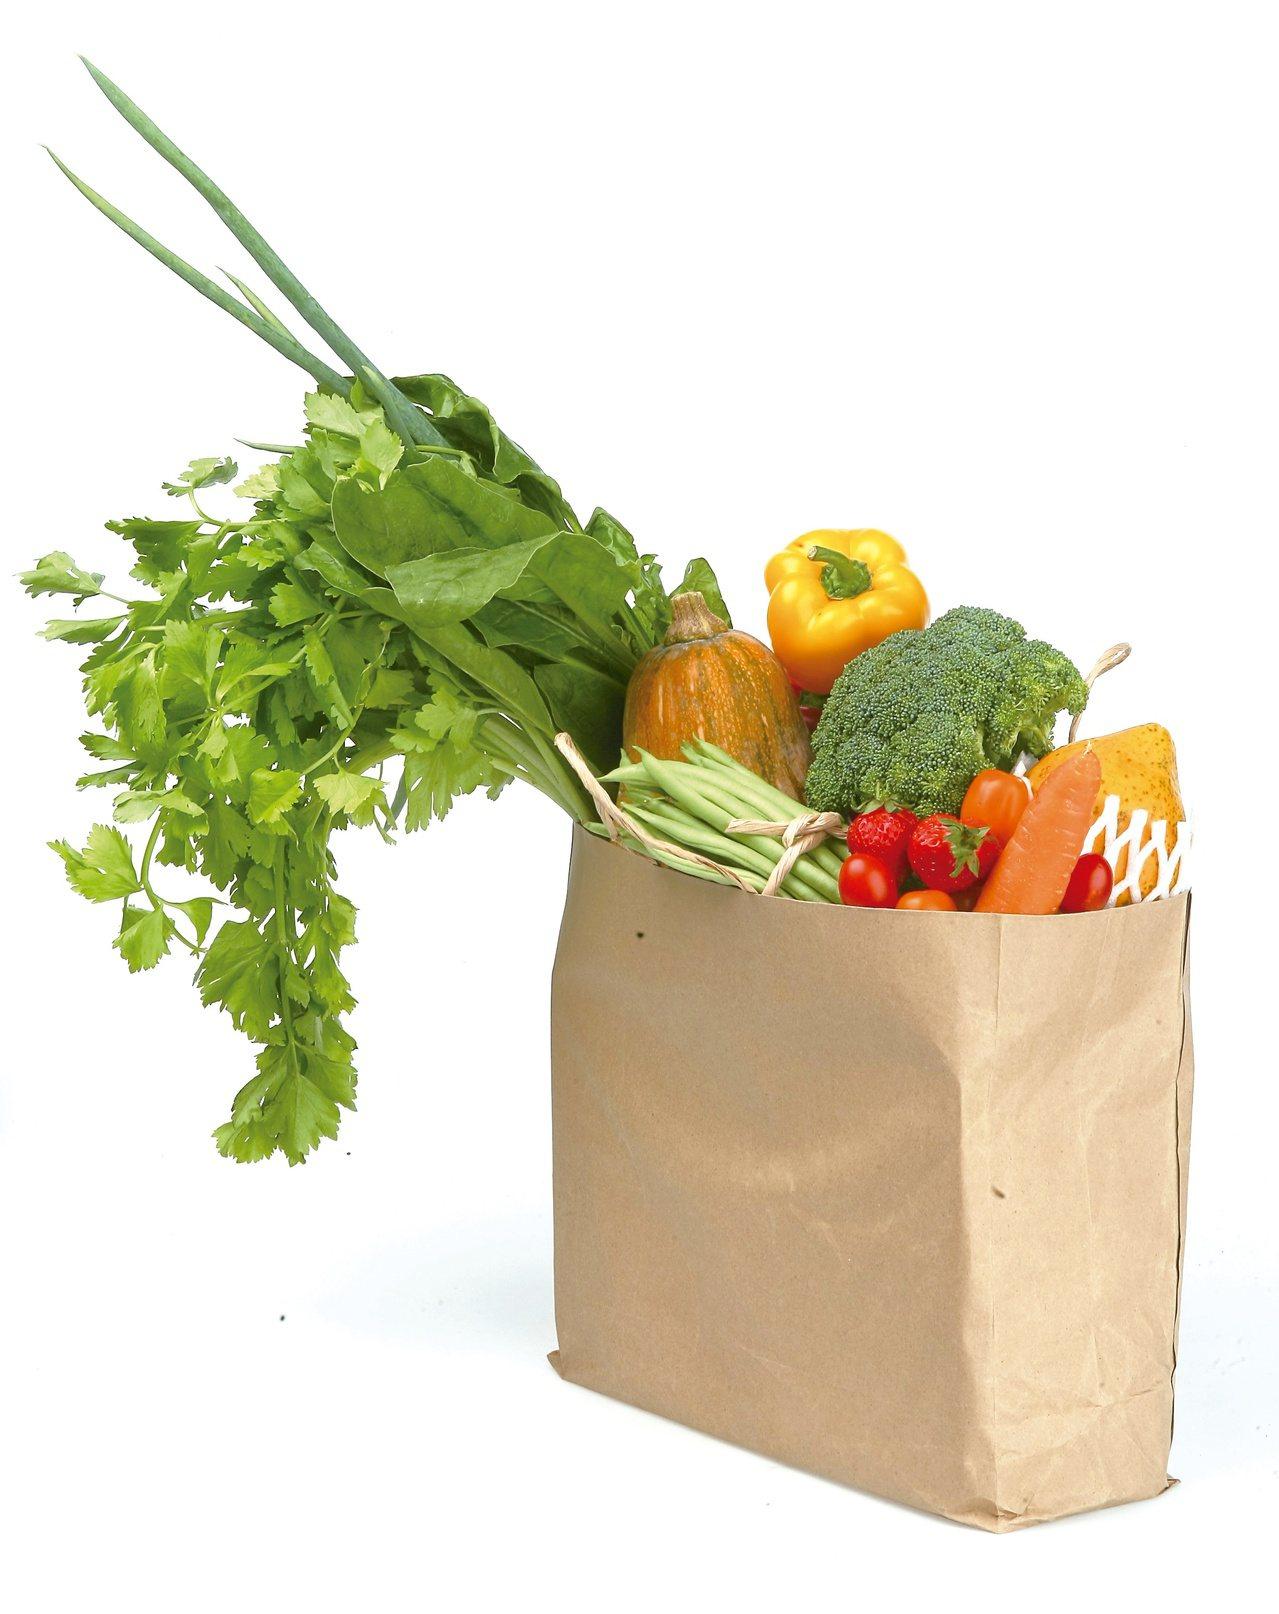 哈佛大學近期一項研究發現,以低鹽飲食搭配蔬果,進行四周後,血壓降低成果,比服用藥...